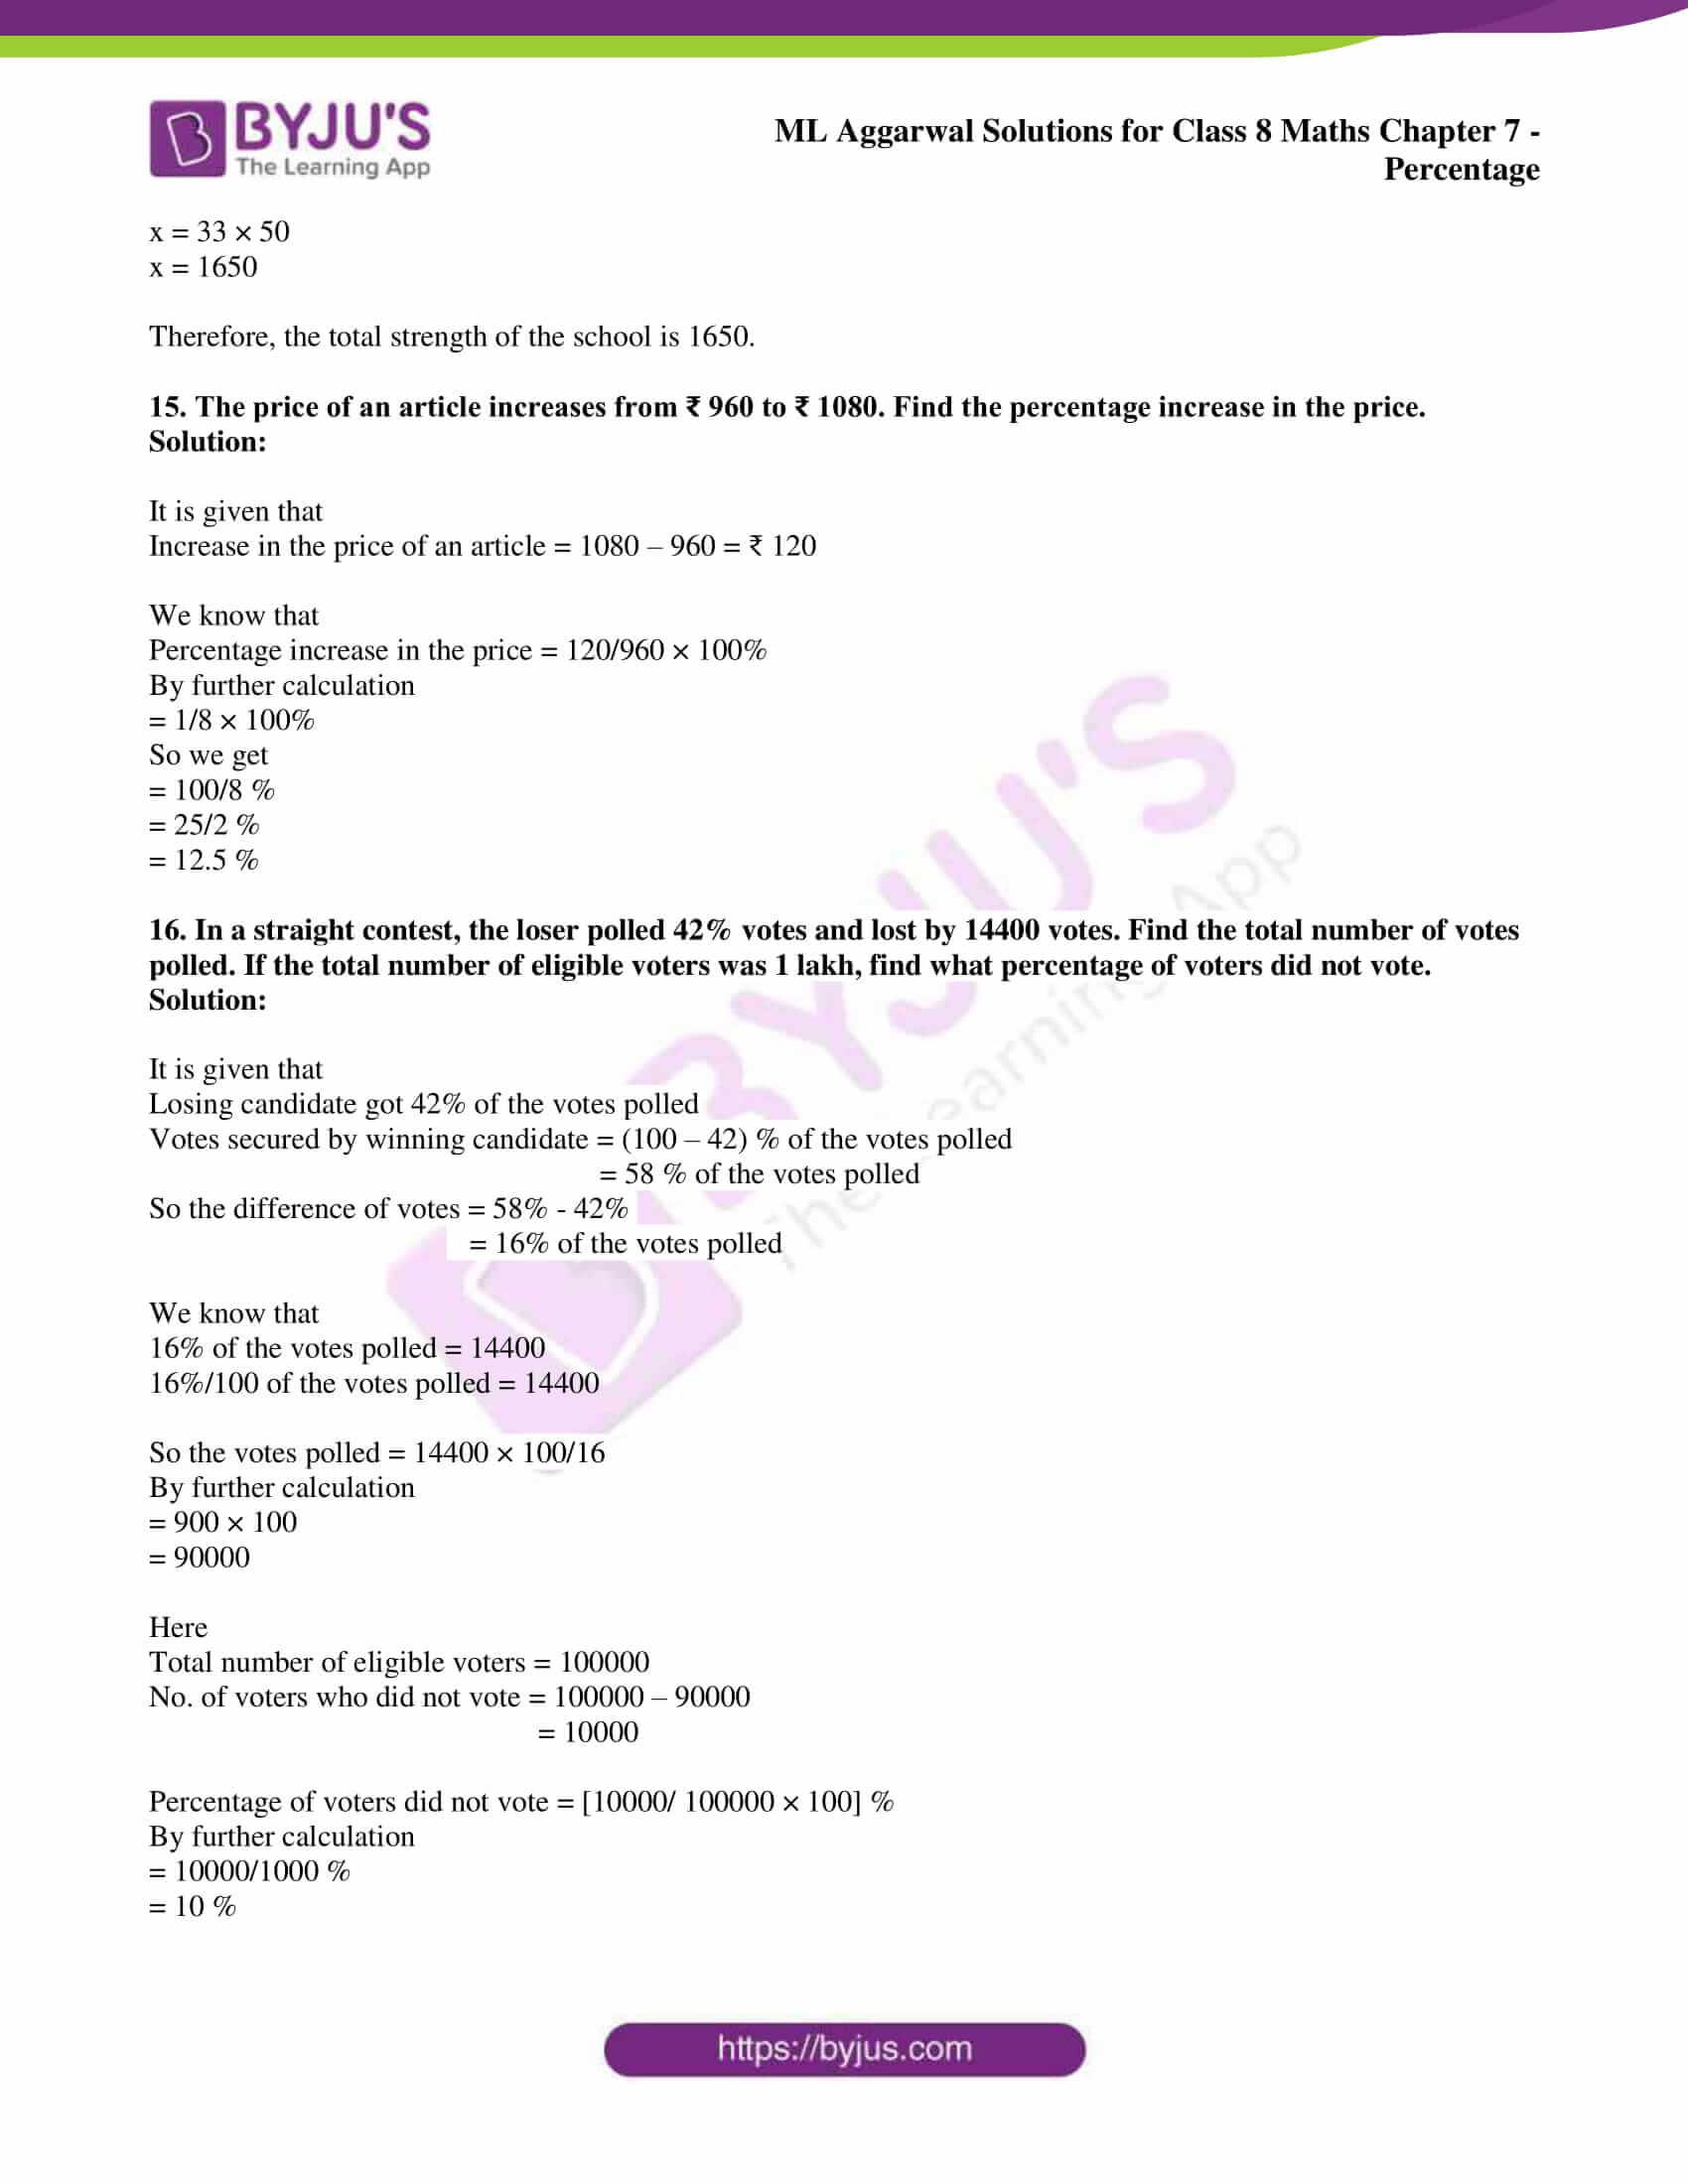 ml aggarwal sol mathematics class 8 ch 7 09